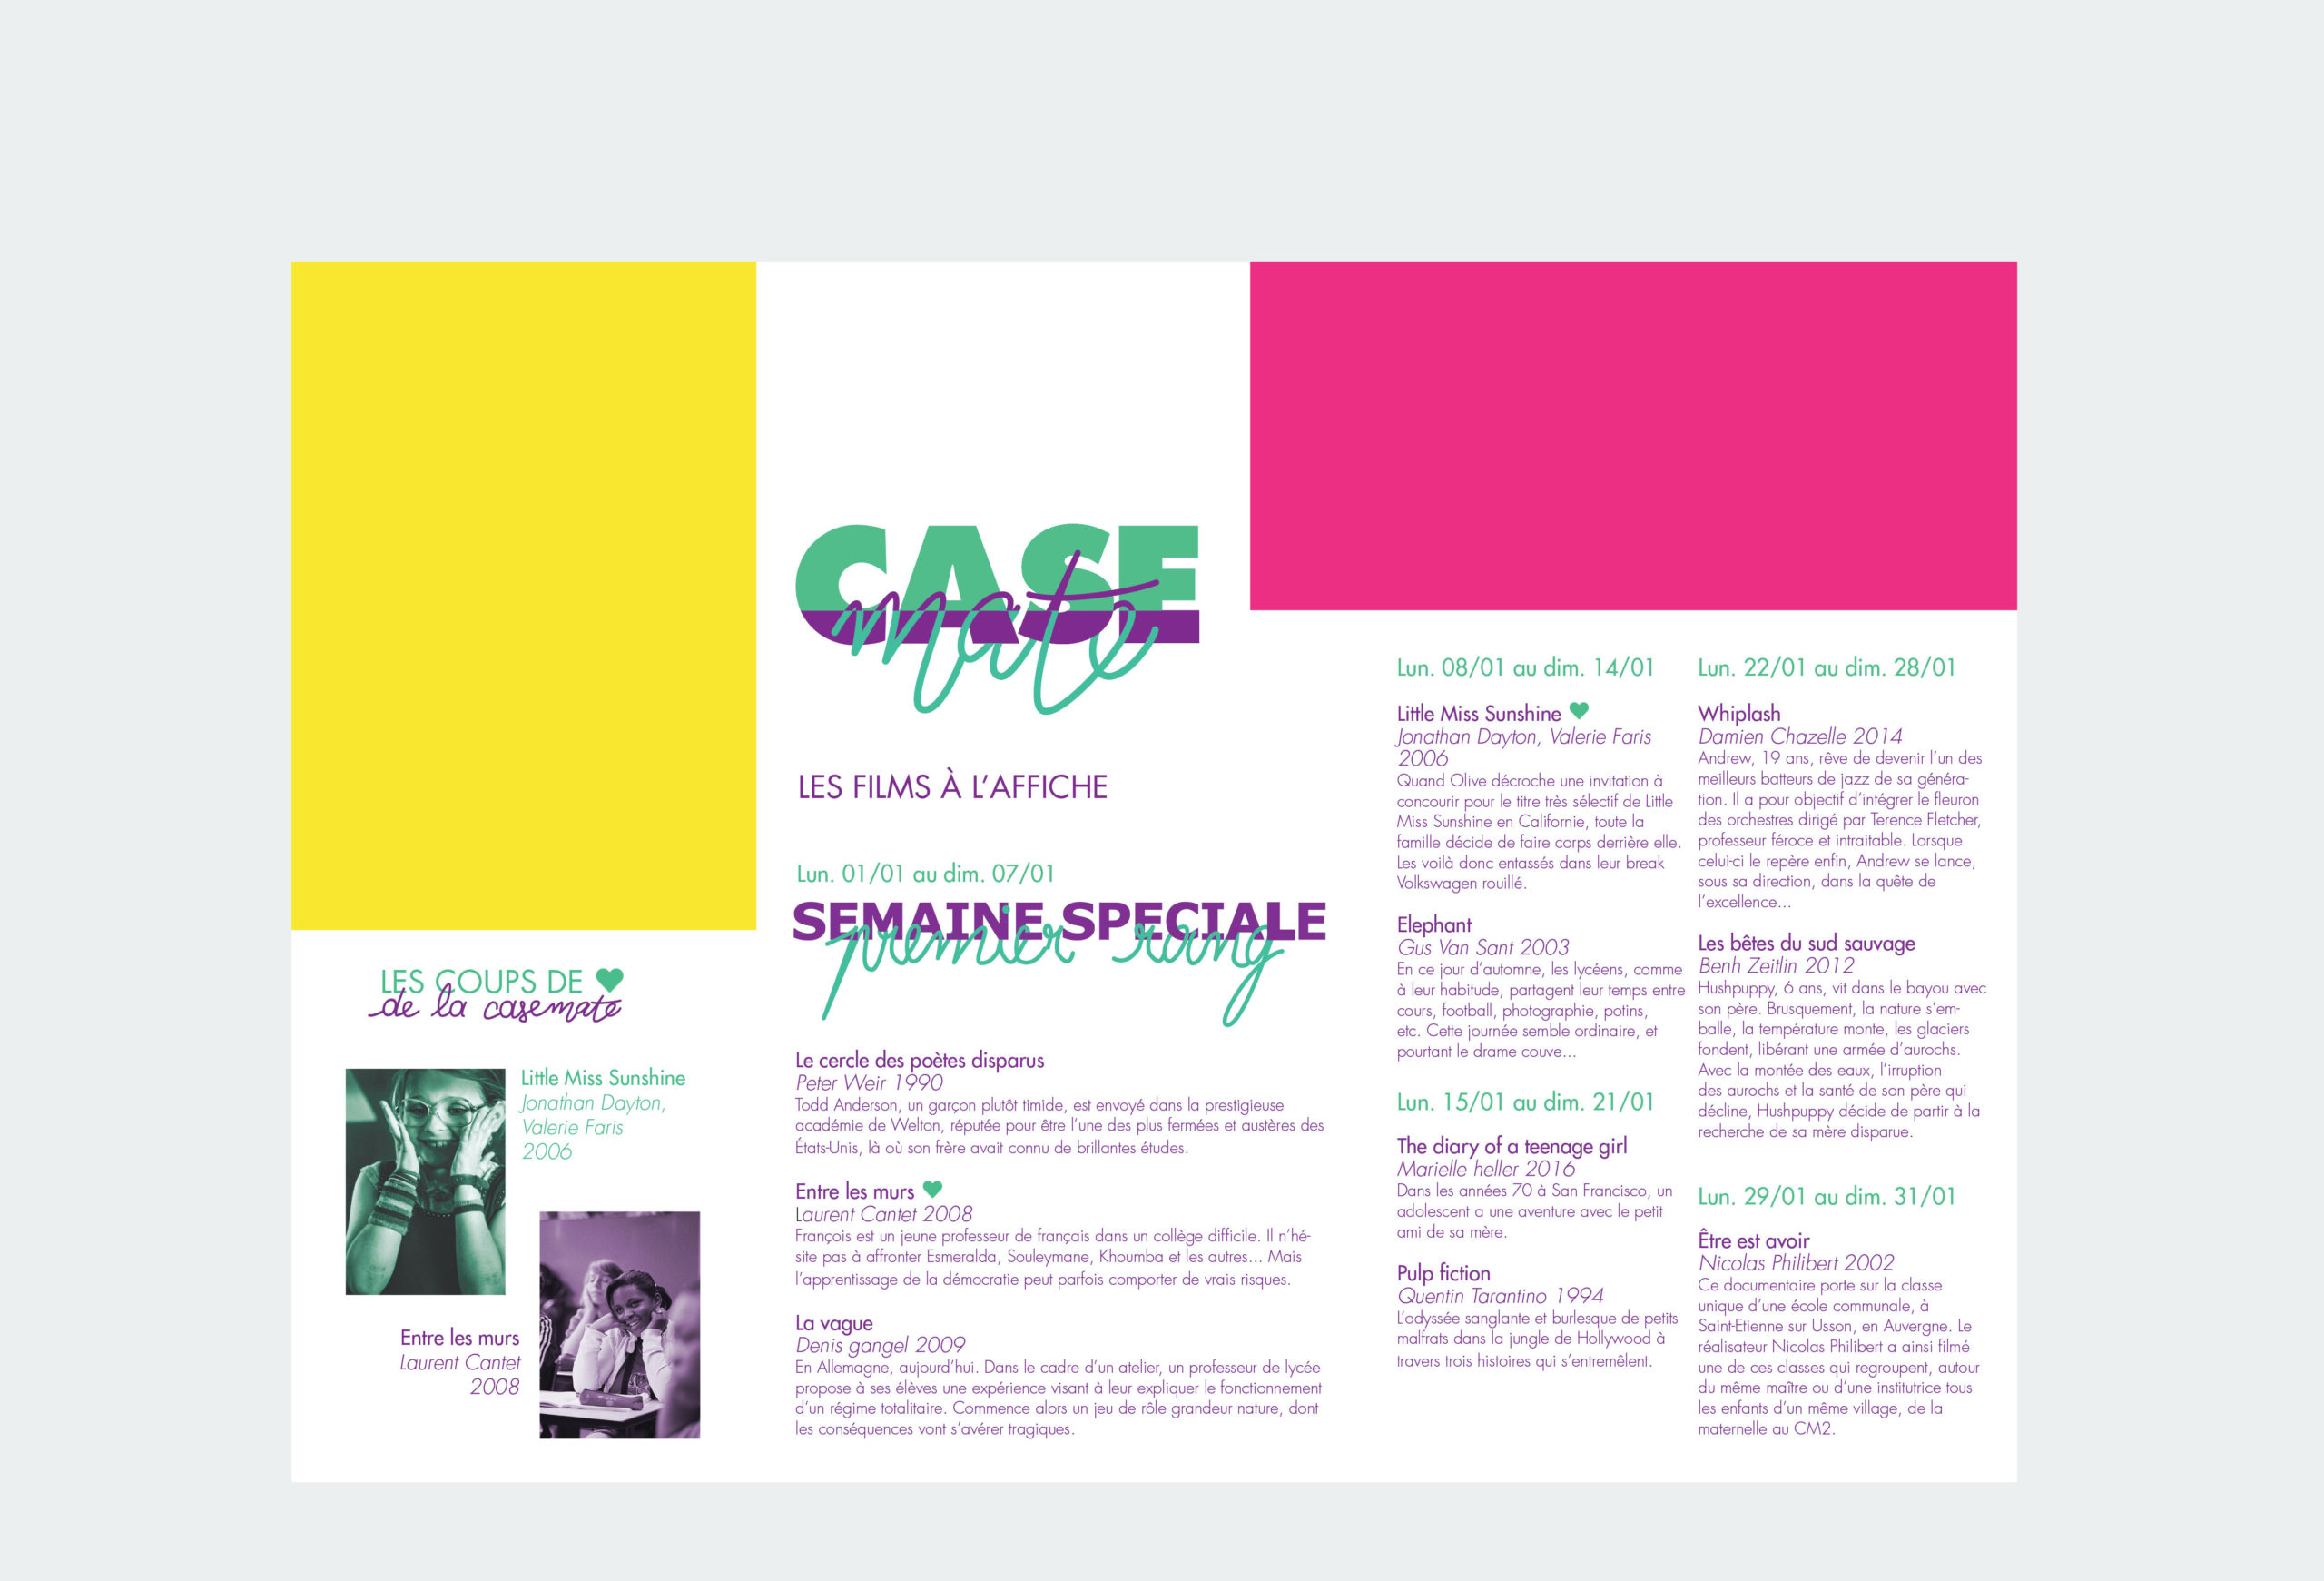 casemaite-2